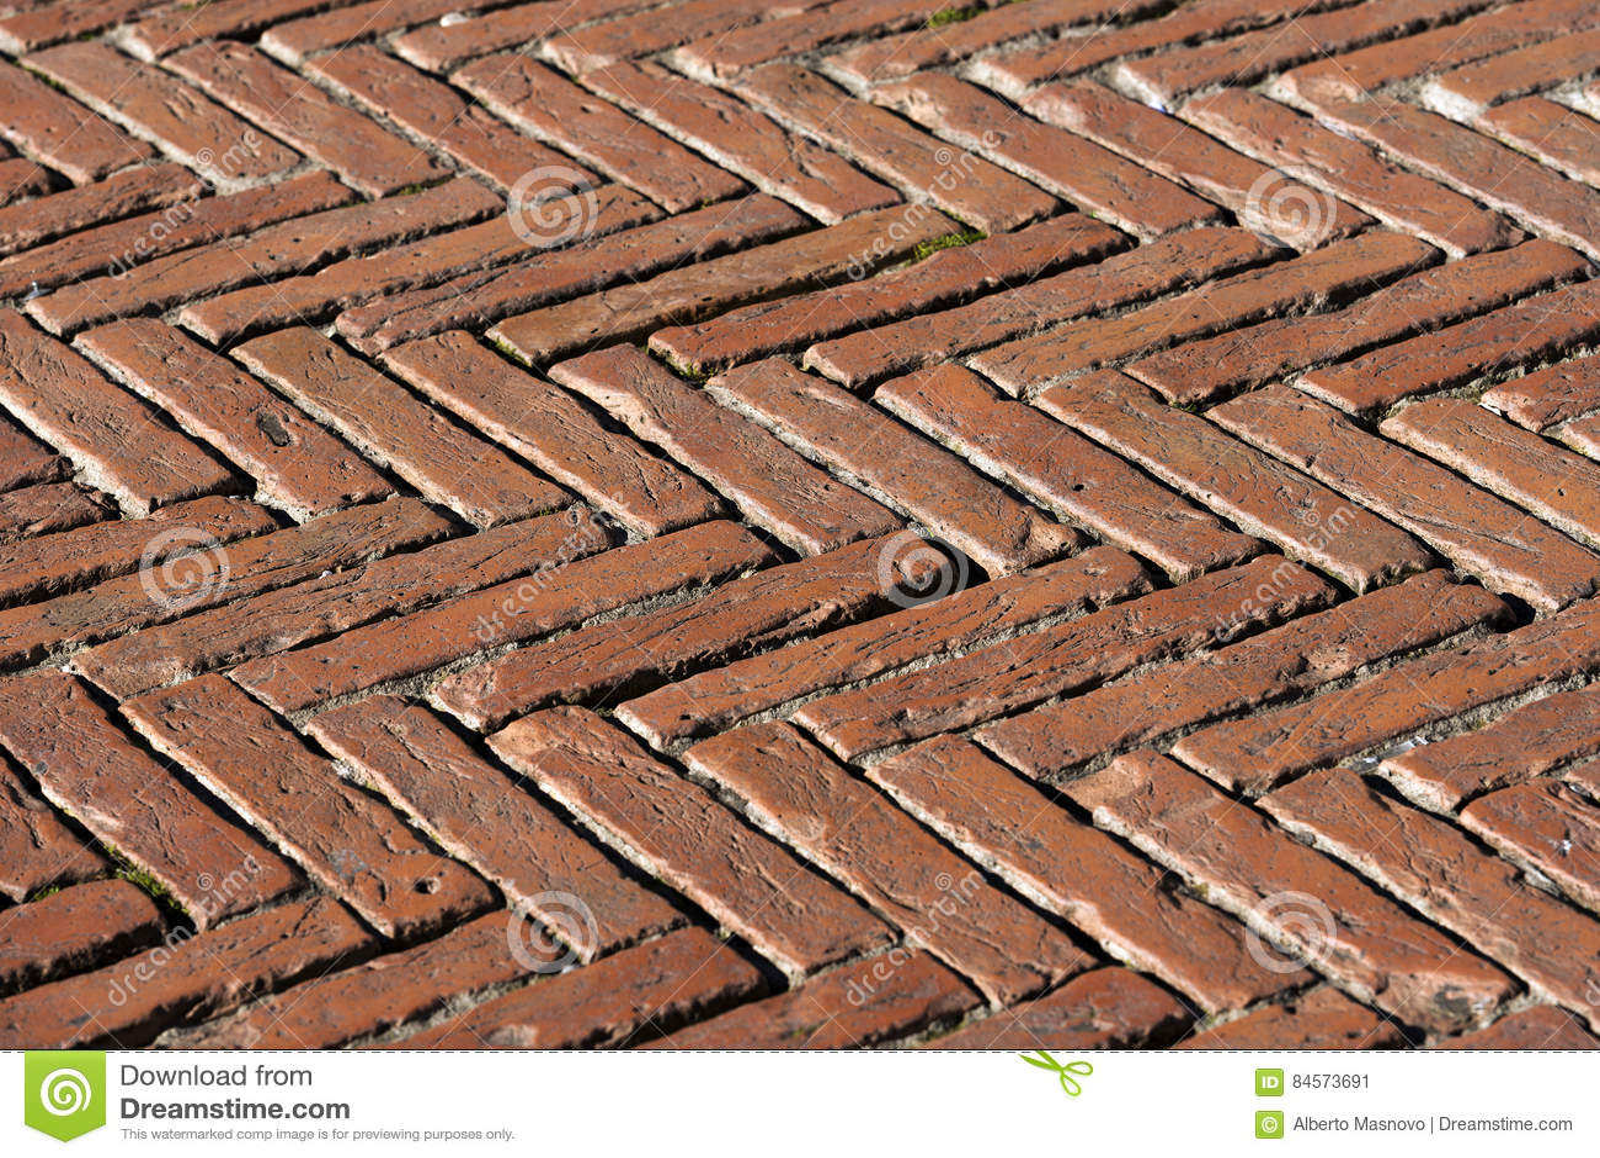 Fußboden Aus Ziegelsteinen ~ Bodenbelag mit alten ziegelsteinen siena italy stockbild bild